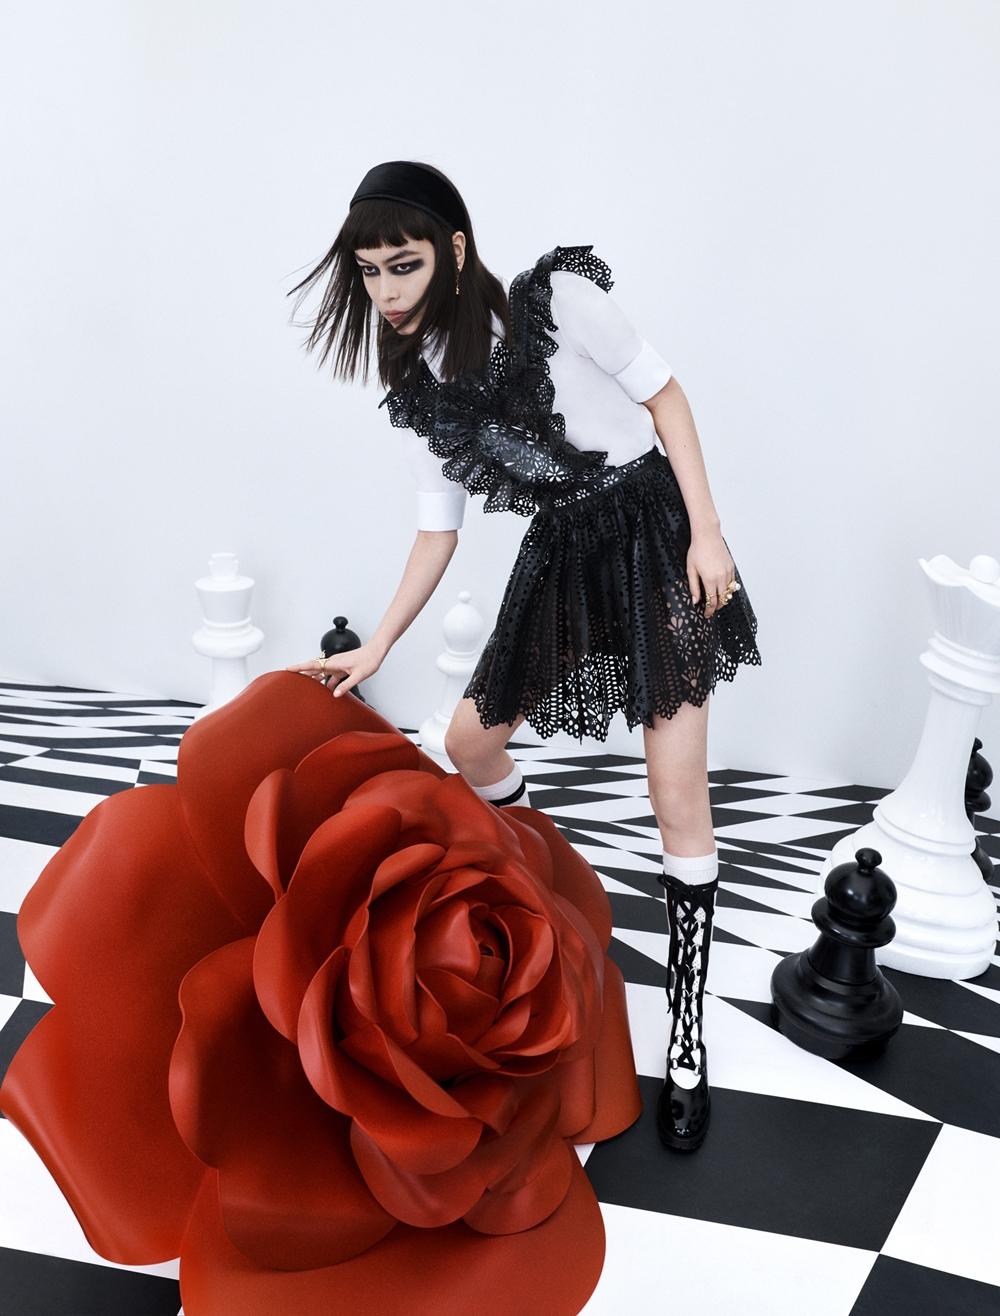 Dior Amour 七夕膠囊系列!滿滿珍珠、愛心與俏紅徹底感受法式甜蜜愛戀